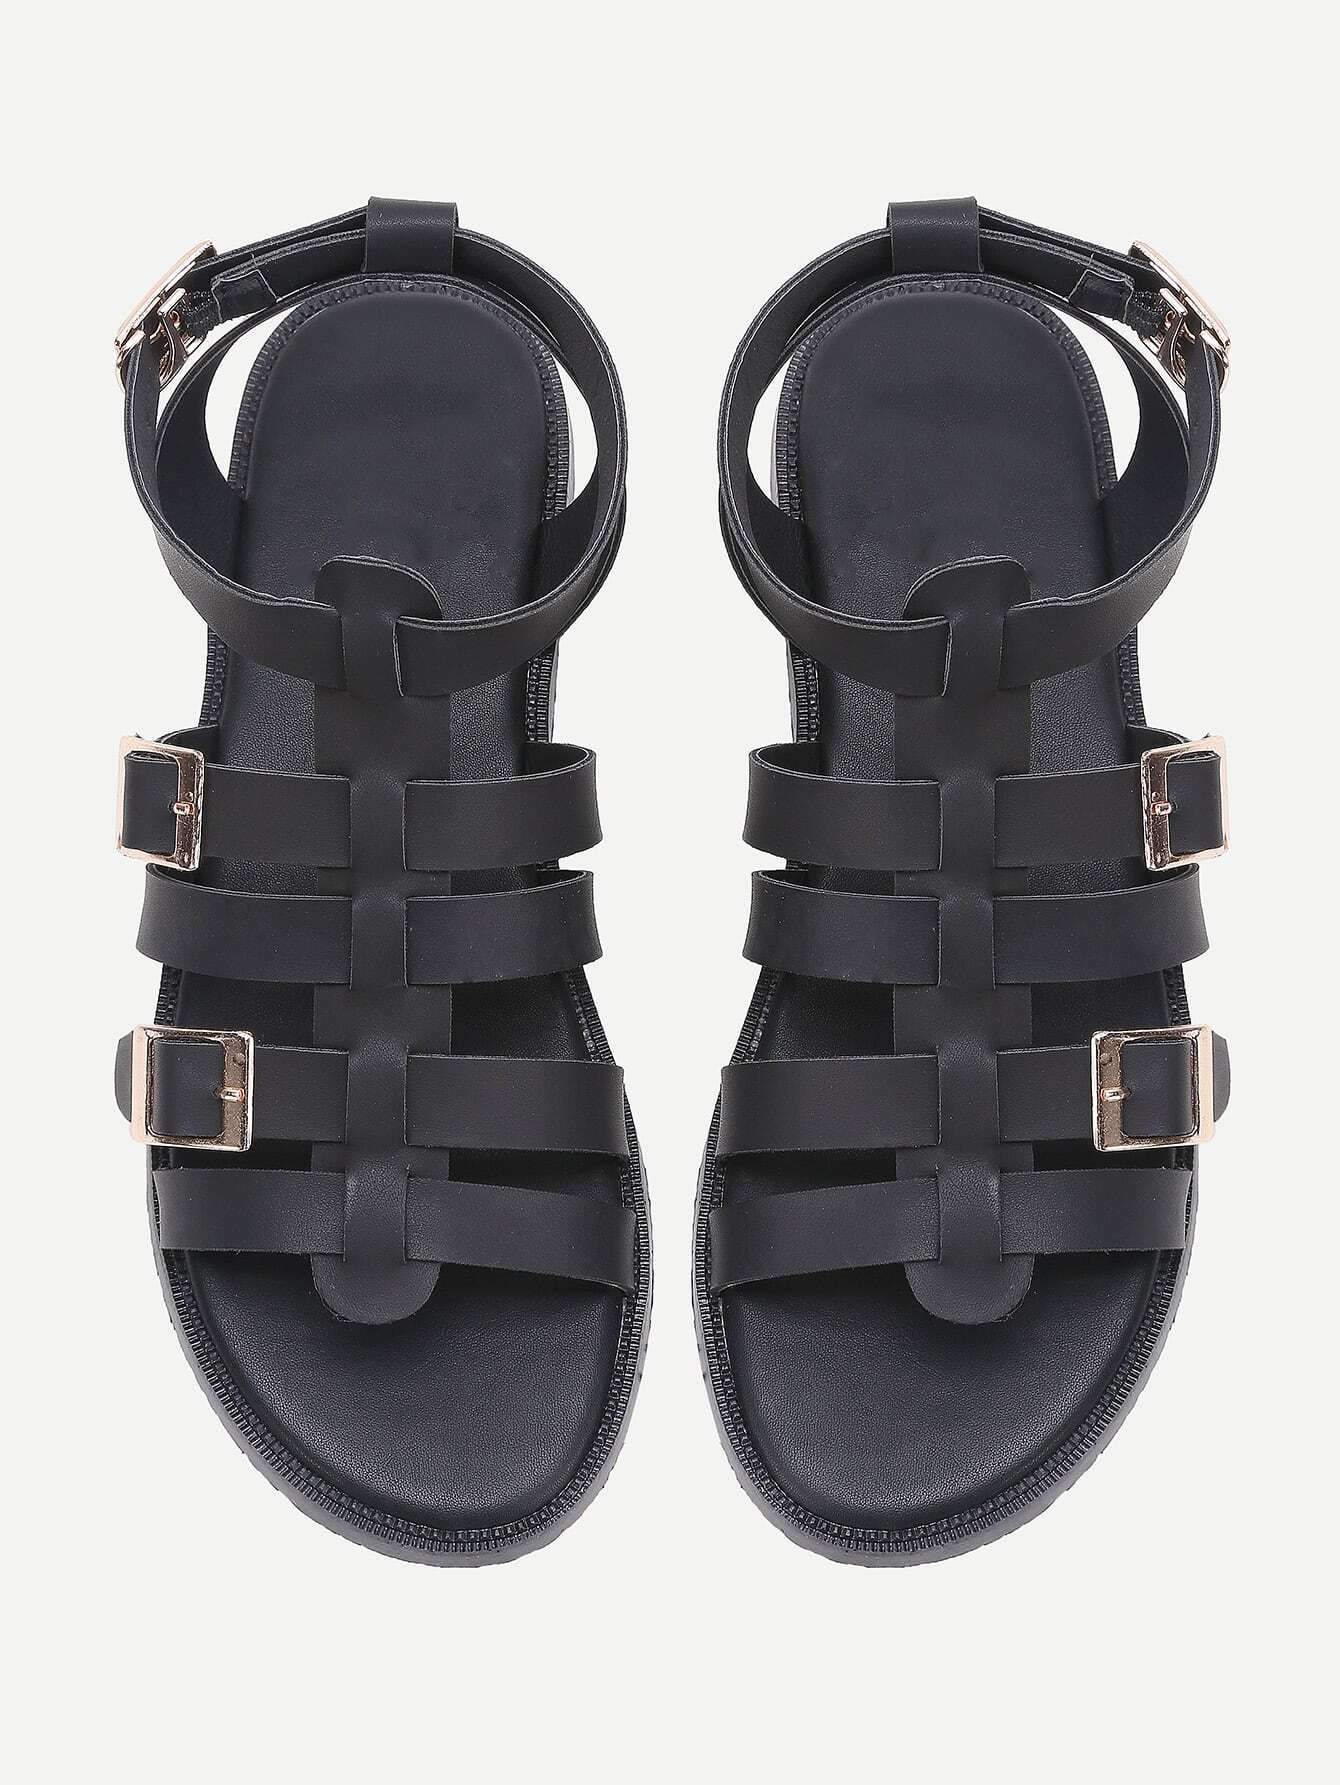 shoes170320802_2